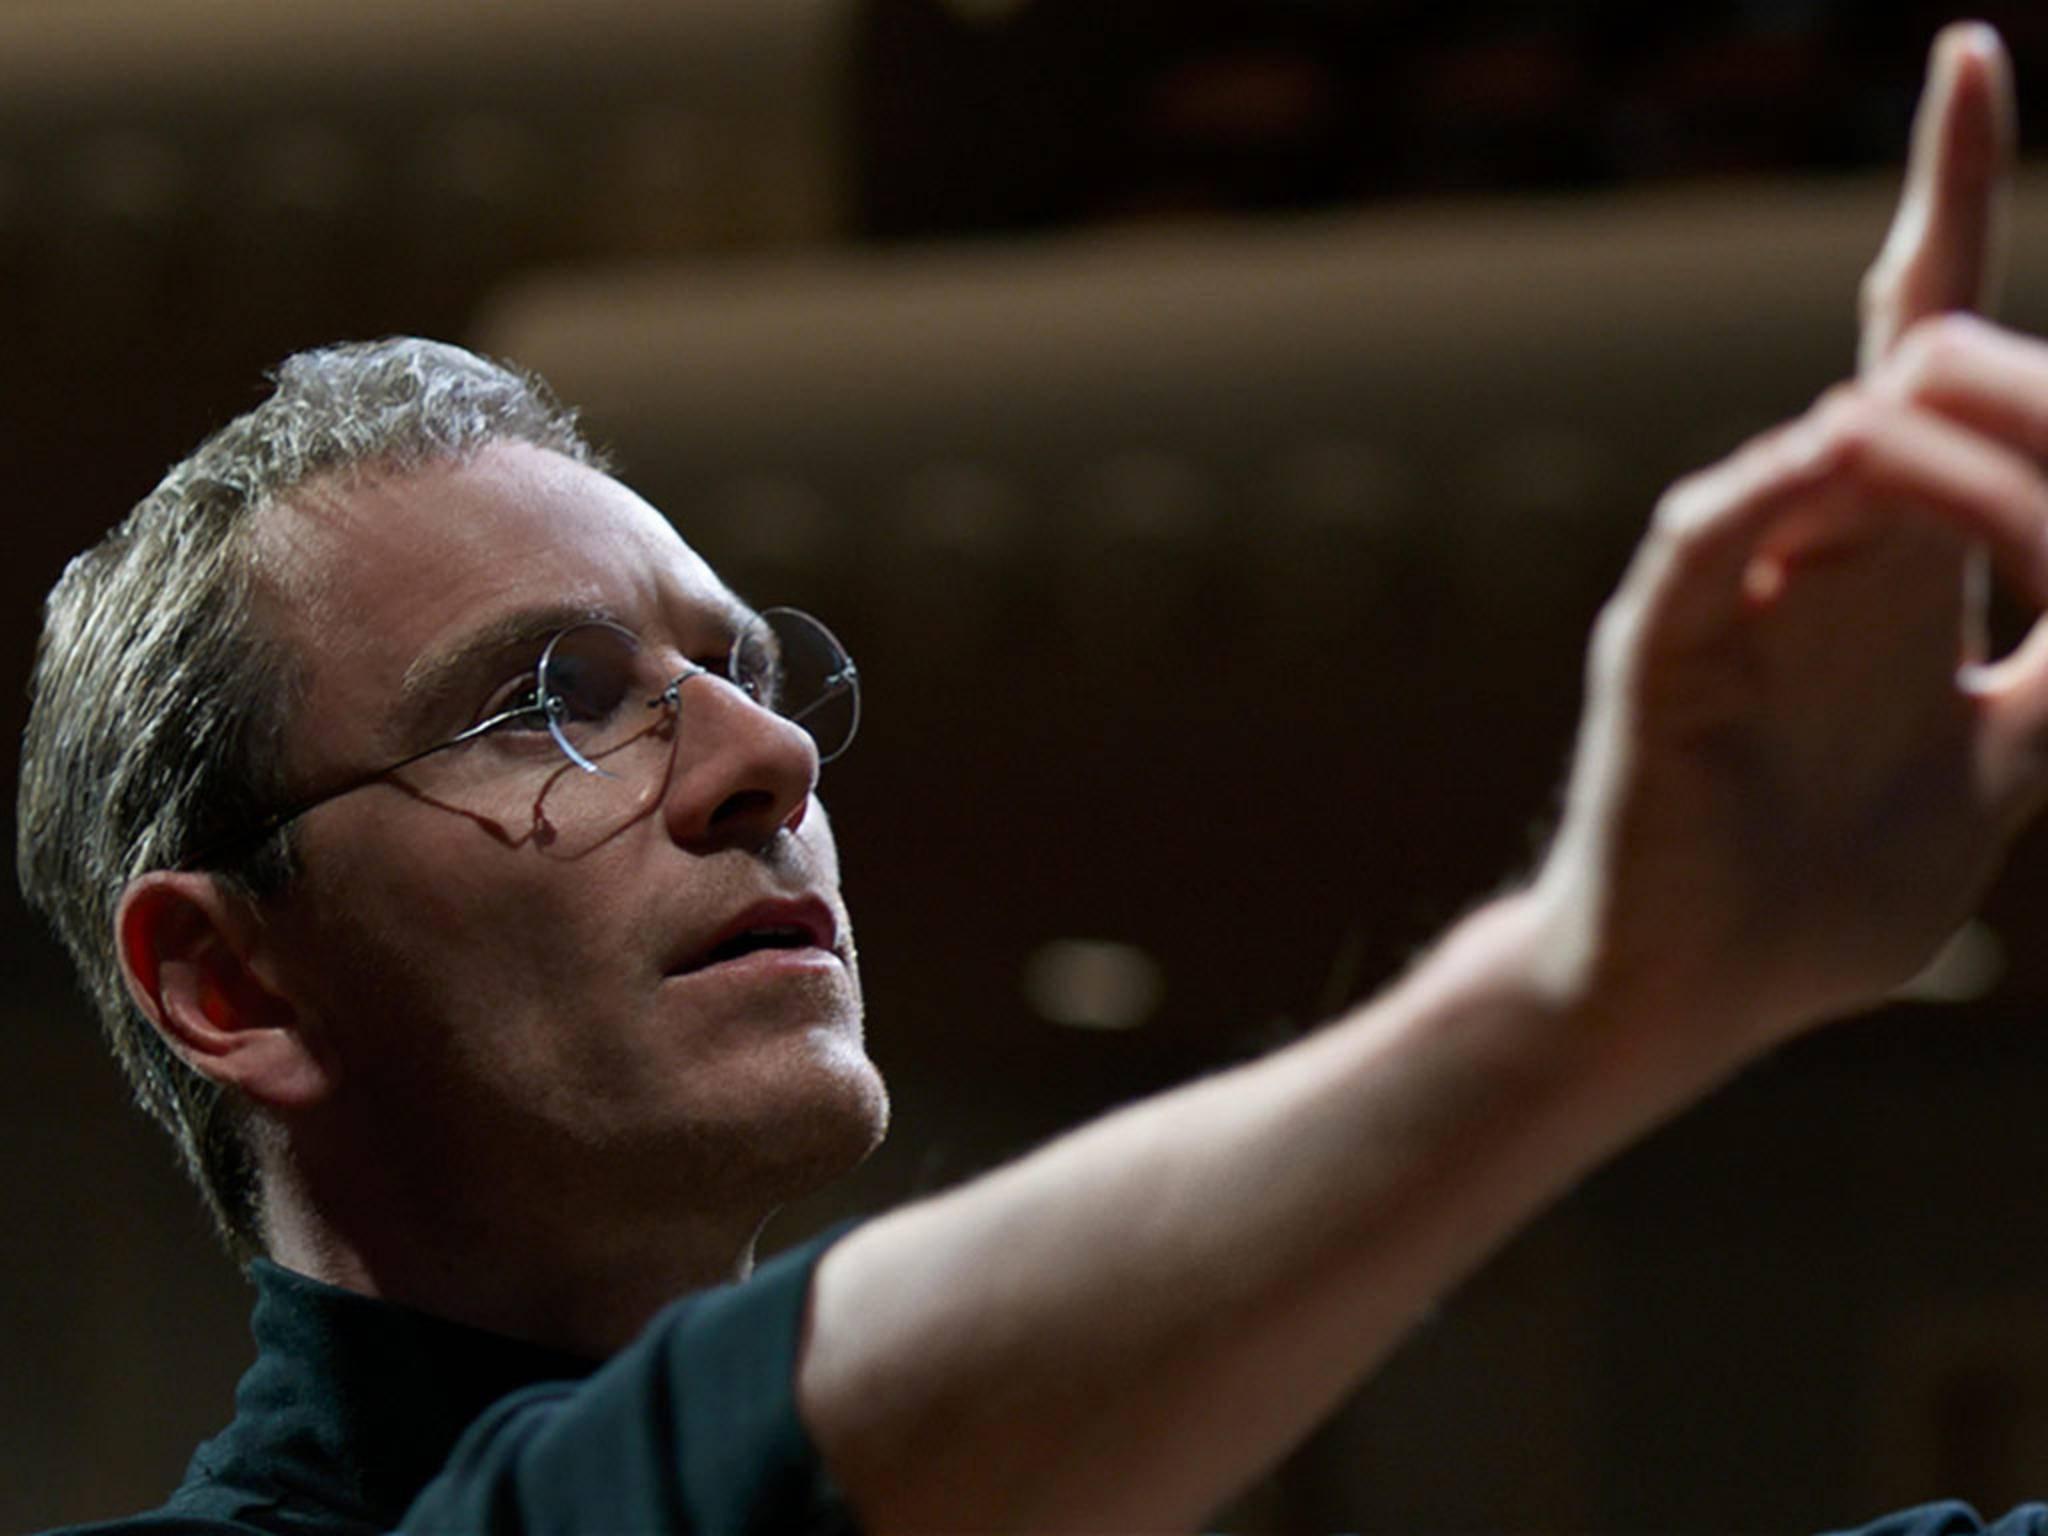 """iPhone-Erfinder Steve Jobs hat schon mehrere Filmportraits erhalten. Das 2015er-Bipic """"Steve Jobs"""" mit Michael Fassbender in der Titelrolle gehört zu den gelungensten."""